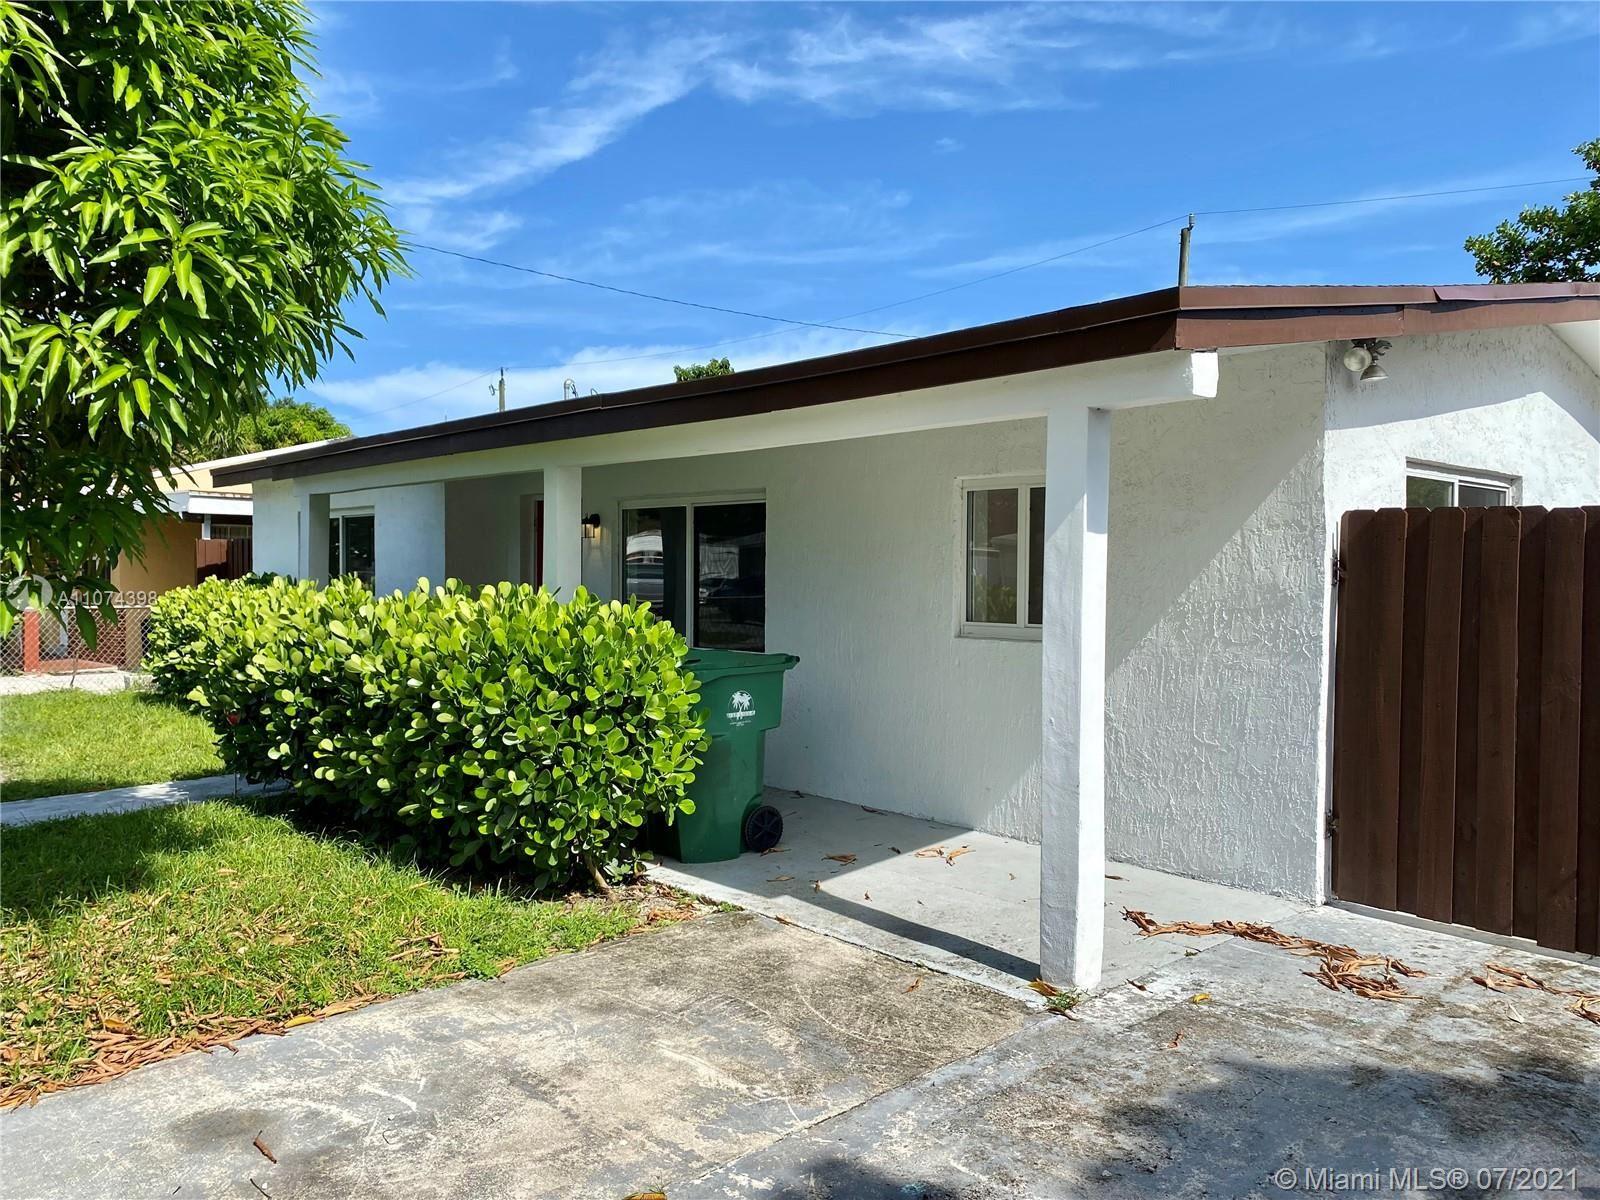 Photo of 6518 SW 23rd St, Miramar, FL 33023 (MLS # A11074398)